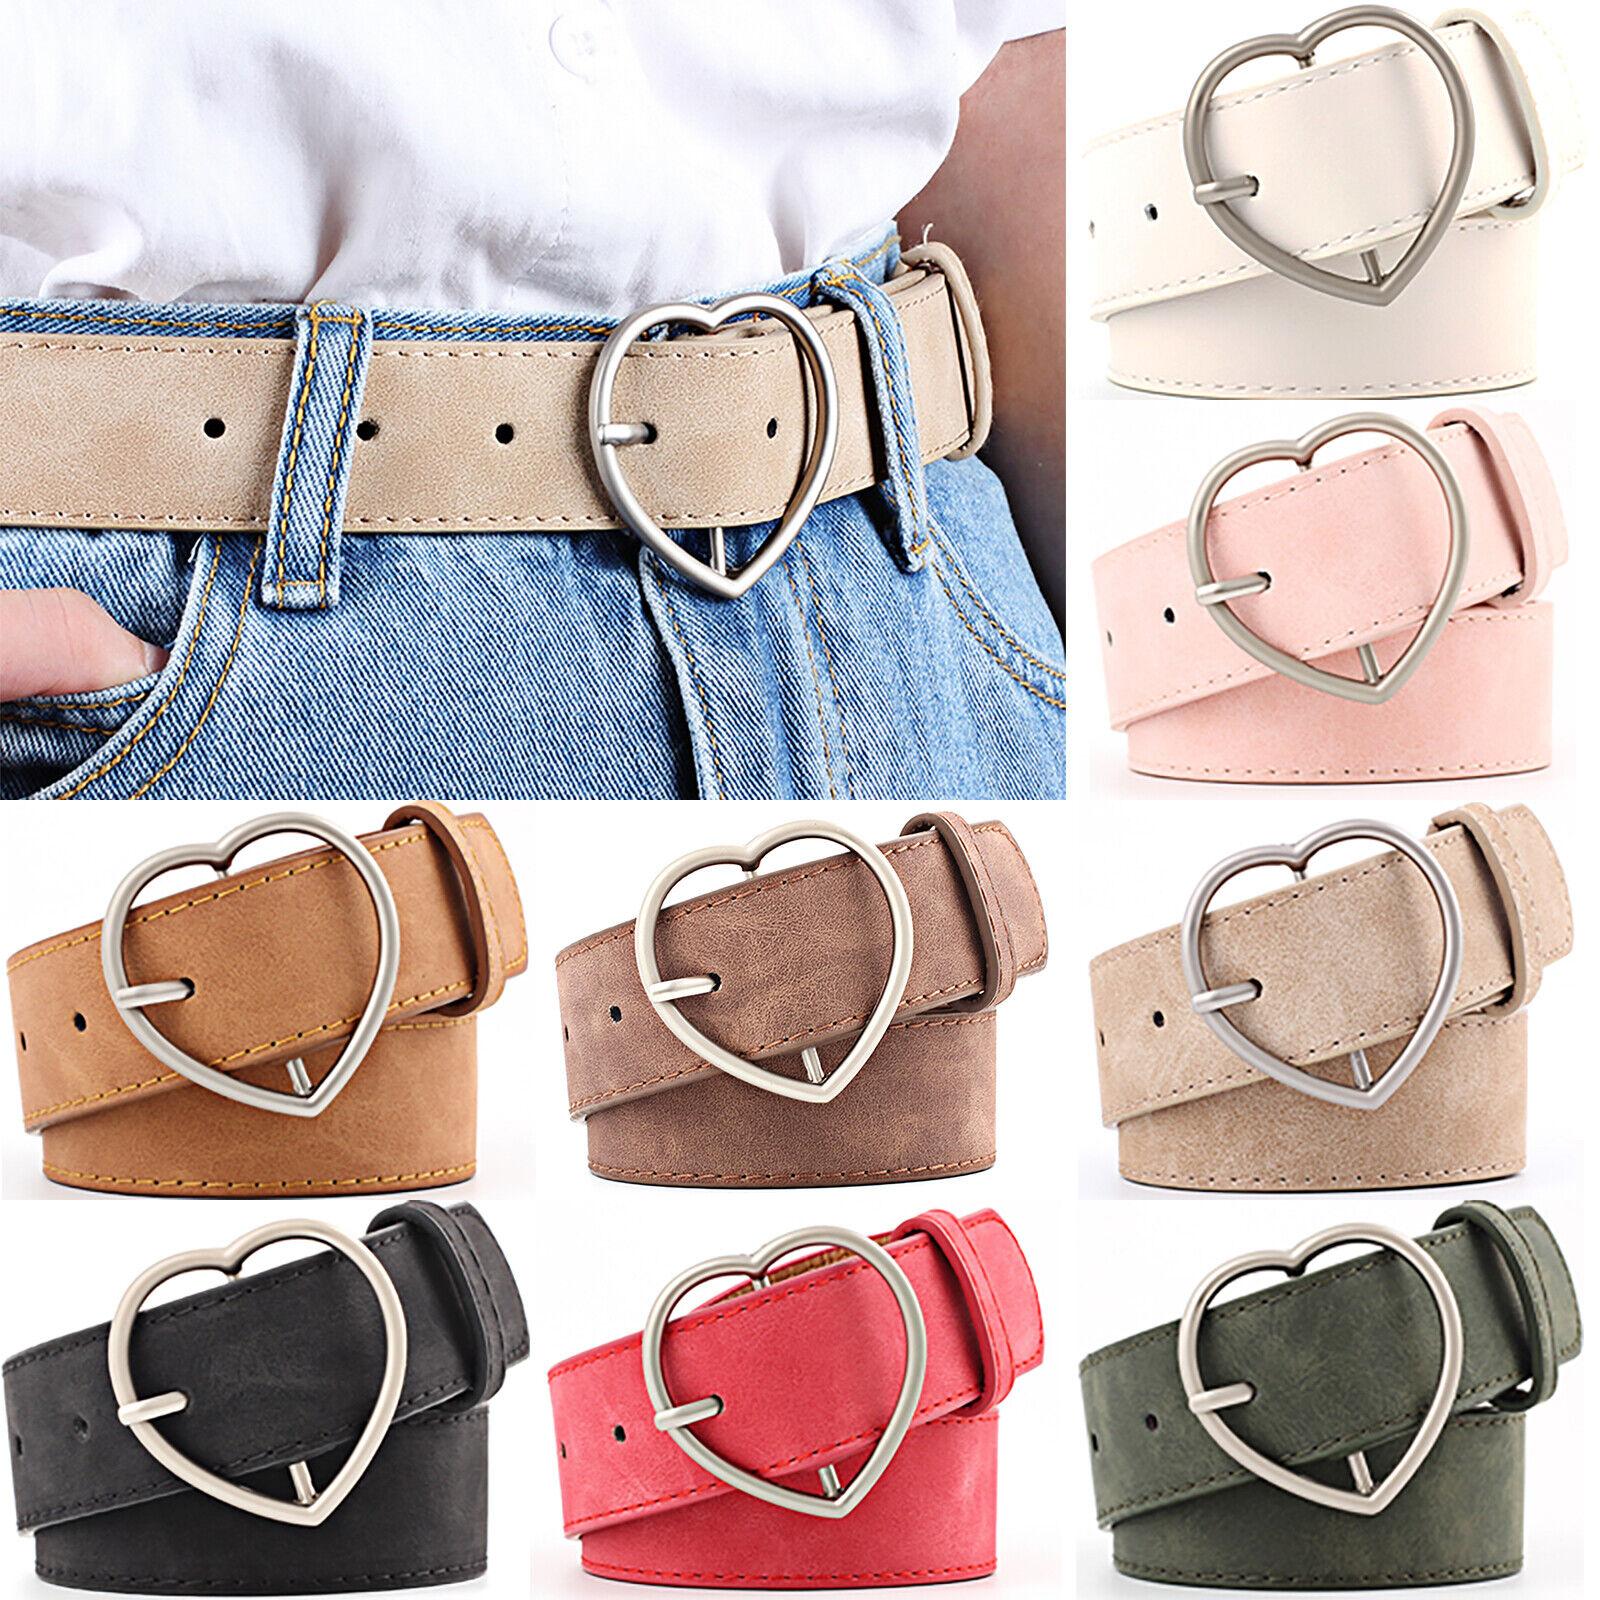 Womens Love Heart Buckle Belt Dress Jeans Waistband Durable Waist Pants Strap